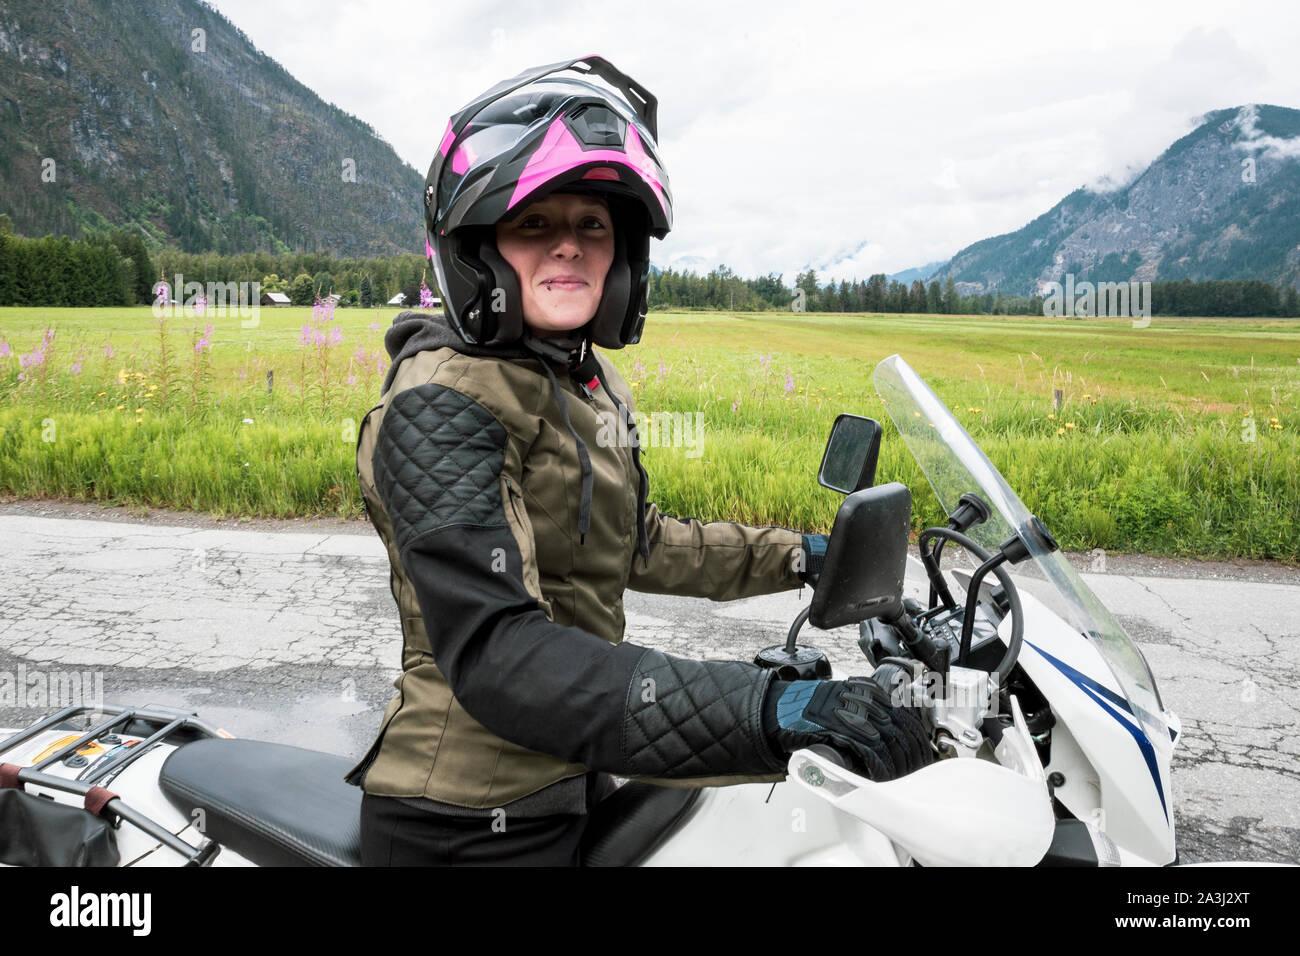 Eine Frau reitet ihr Motorrad an einem bewölkten Sommertag. Stockfoto